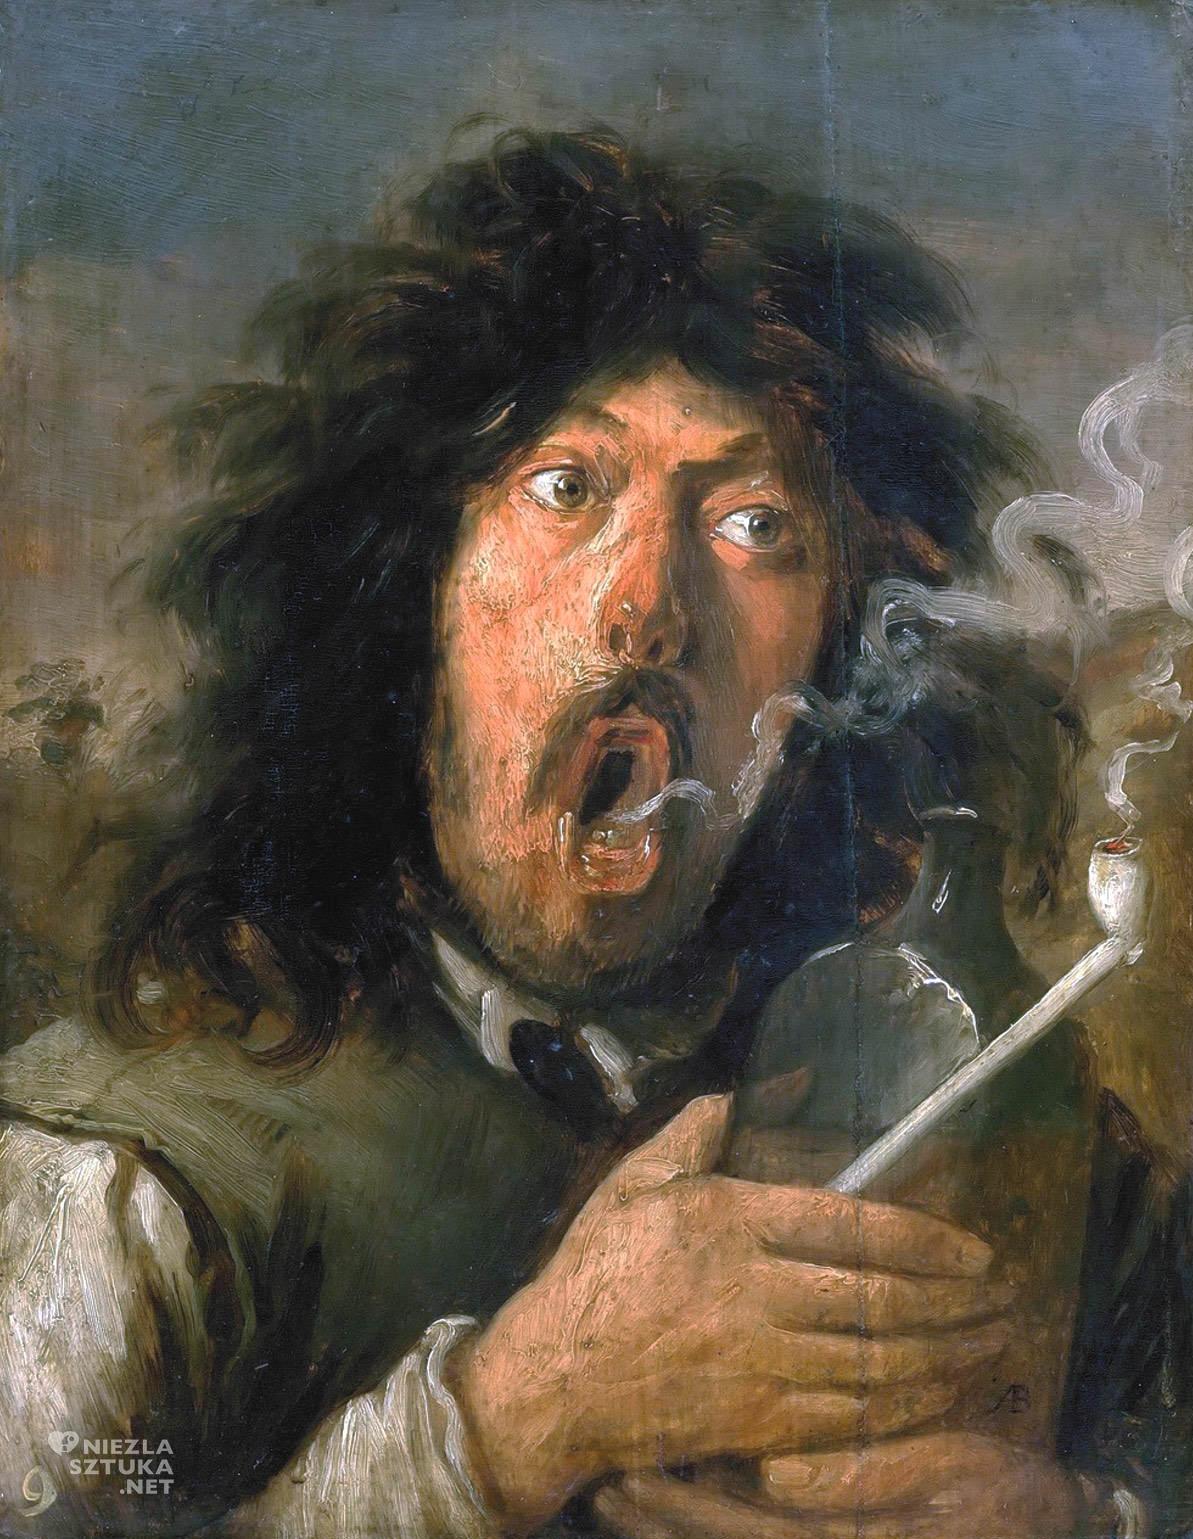 Joos van Craesbeeck, Palacz, sztuka europejska, malarstwo flamandzkie, Niezła Sztuka